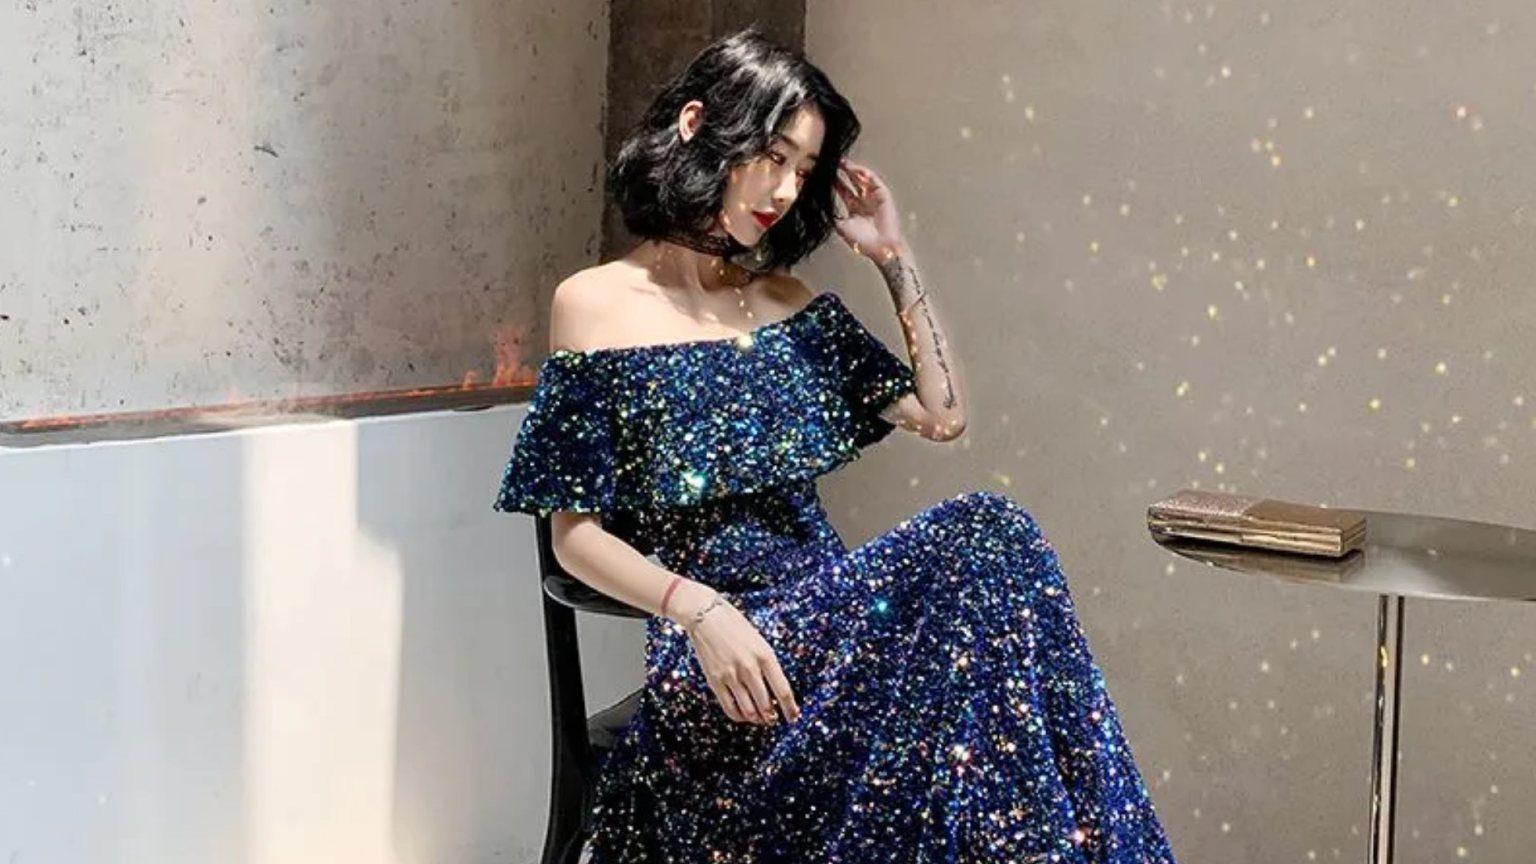 Model in dark blue party dress